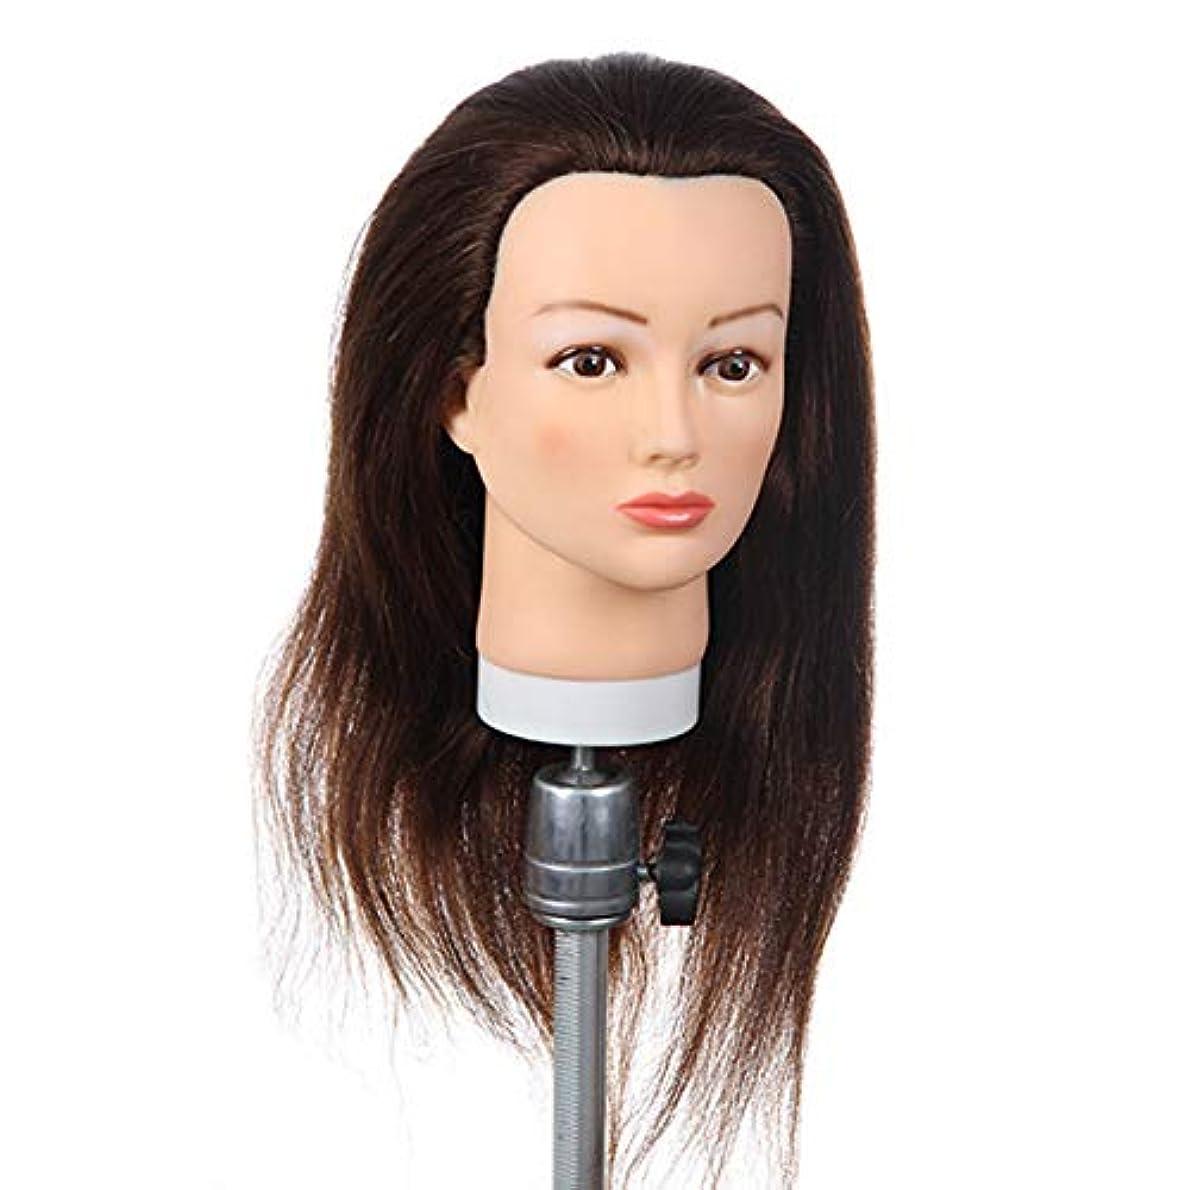 アサート煙繁栄する理髪店理髪練習ヘッドパーマ髪染め髪ダミーヘッド花嫁メイクスタイリング編組マネキンヘッド